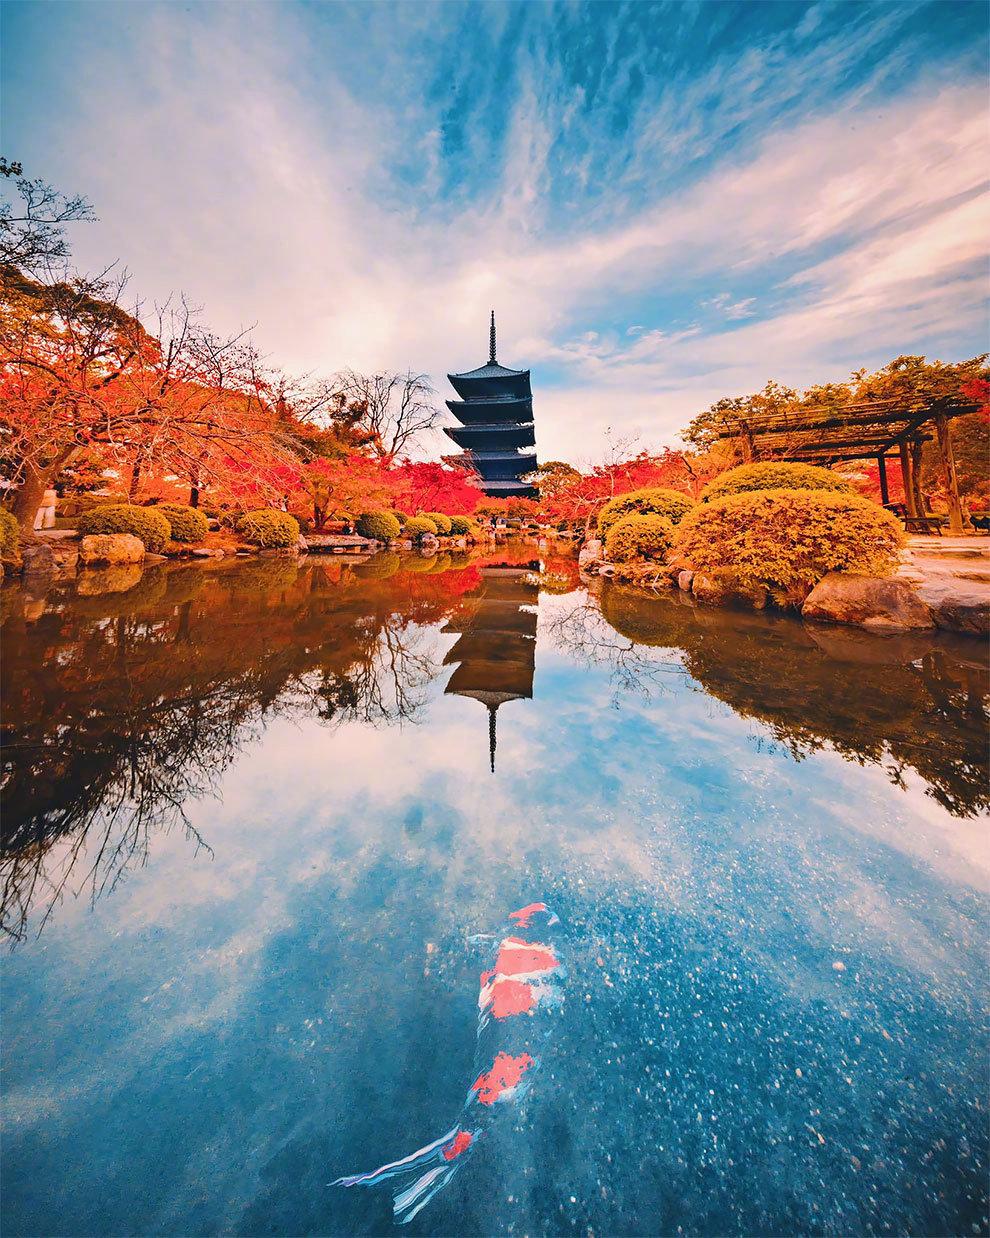 京都和奈良的深秋。